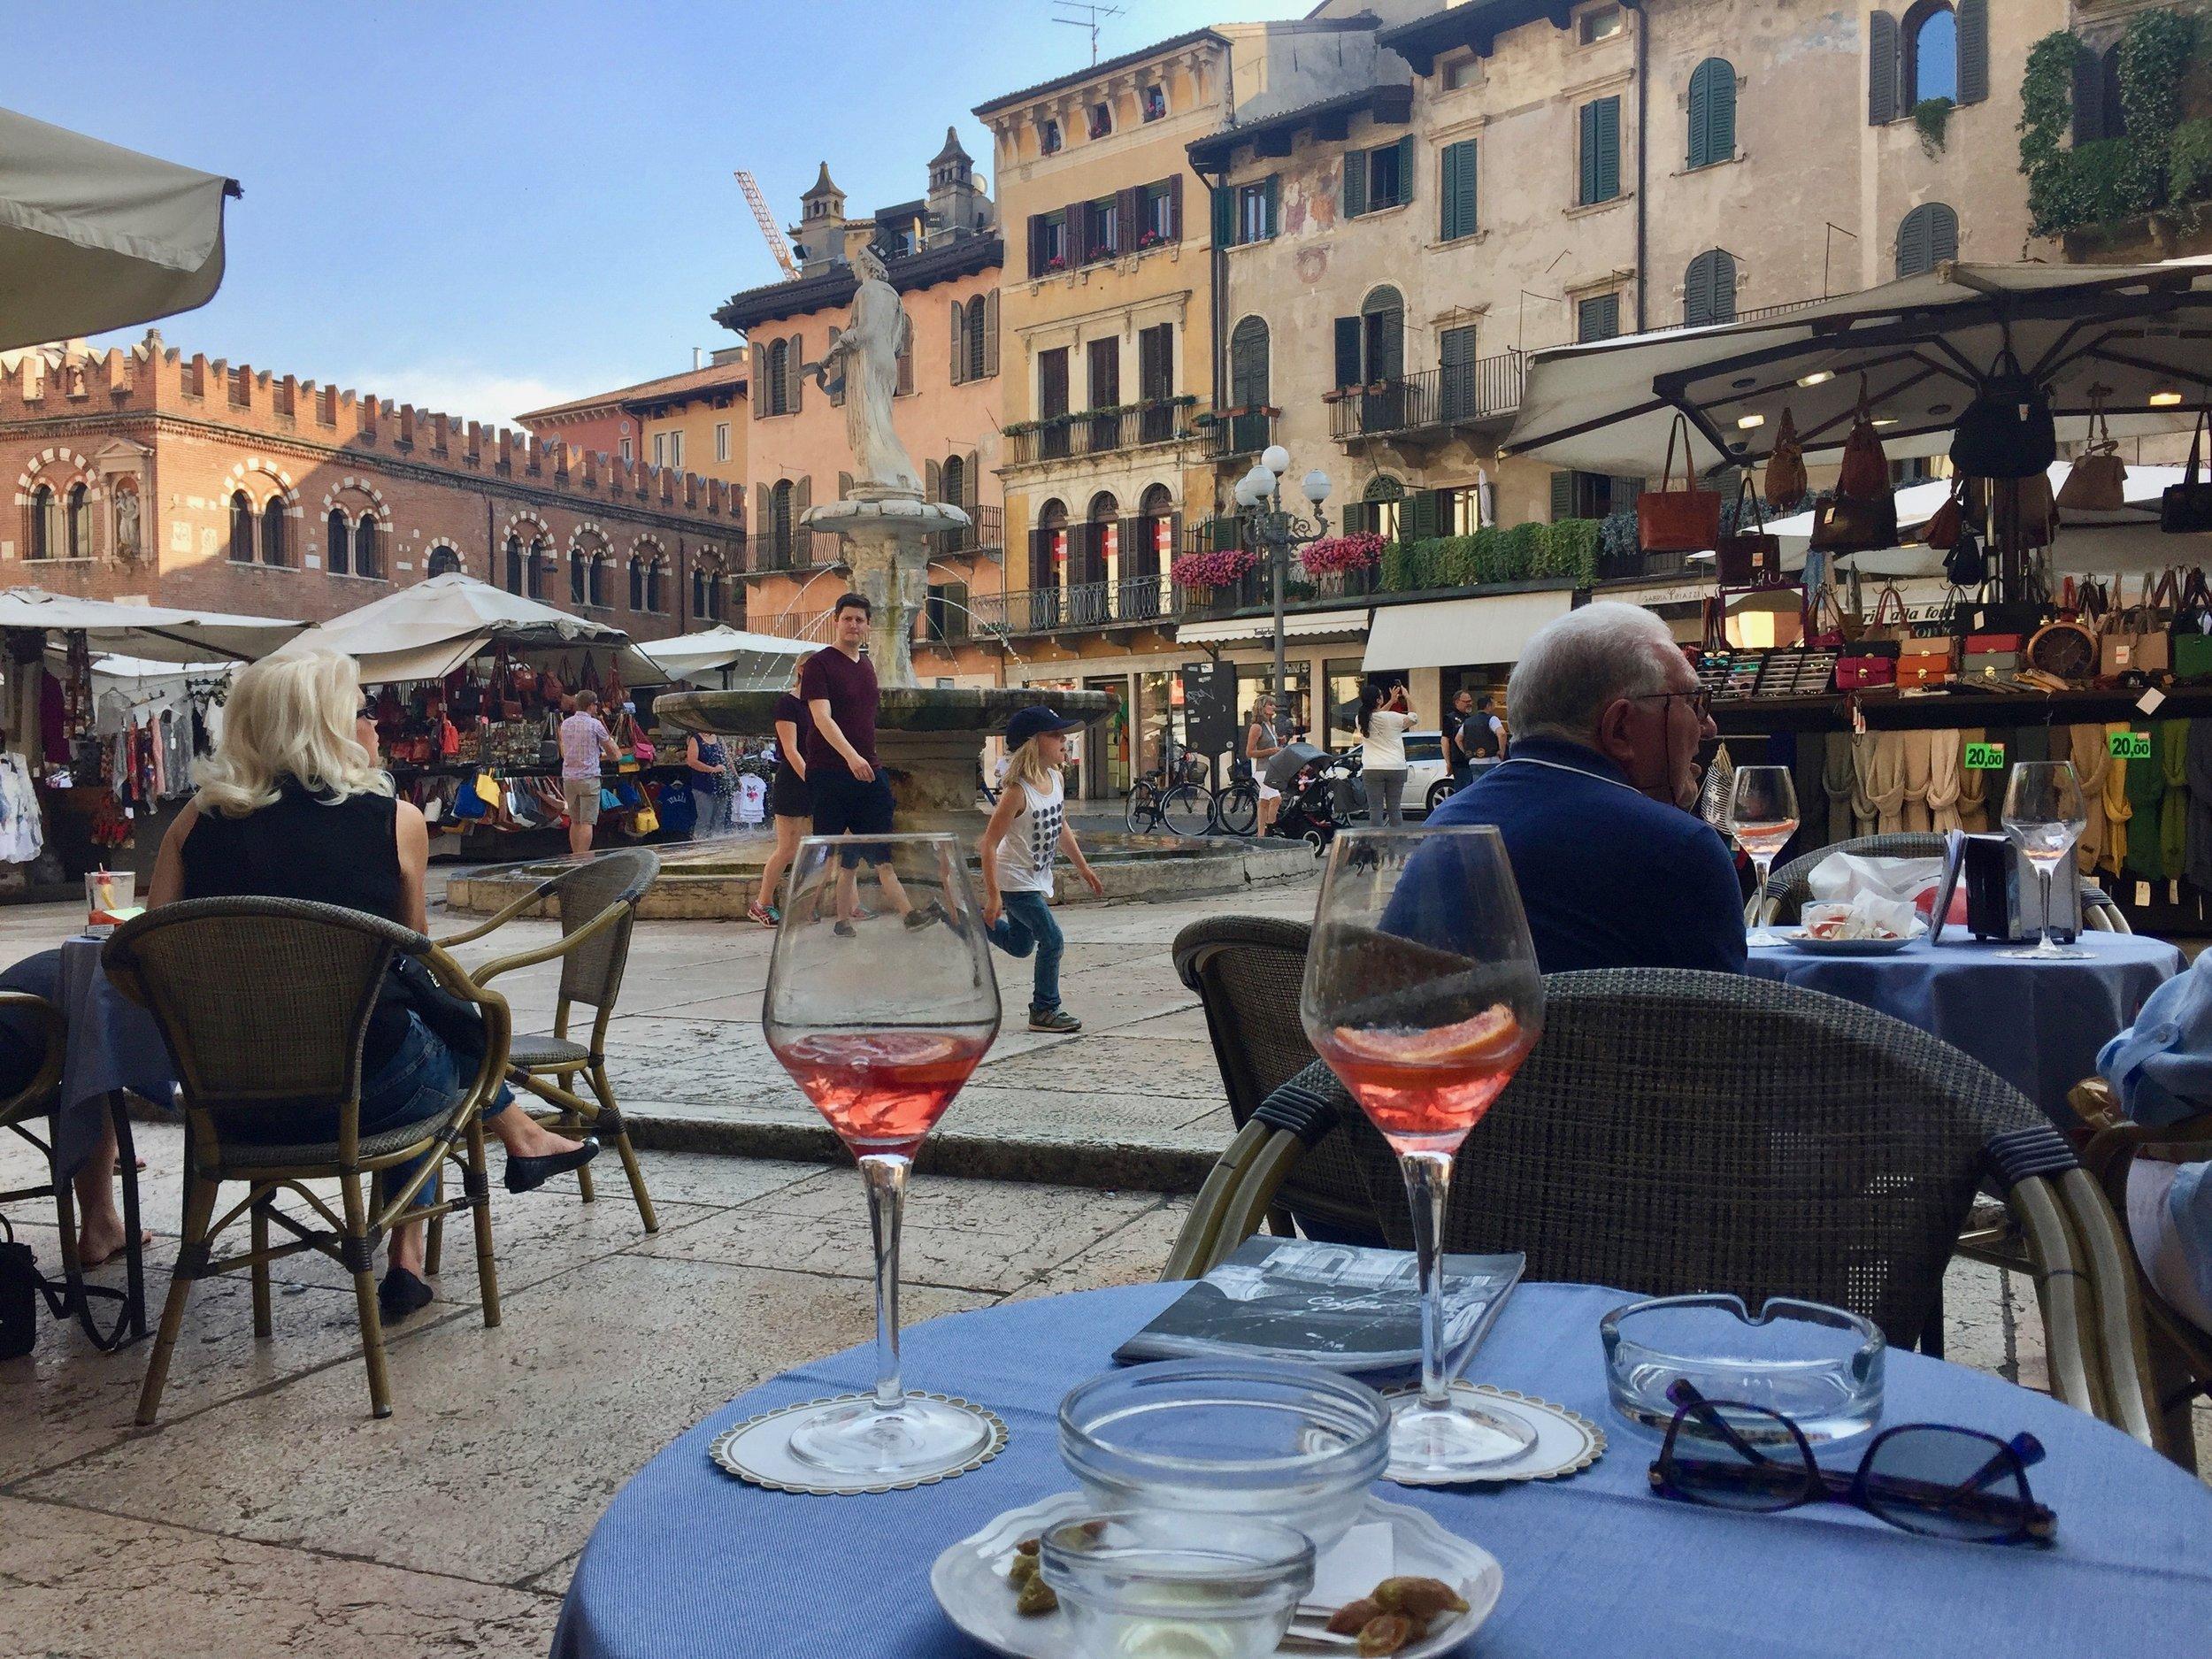 Spritzes in the Piazza della Erbe - not too shabby!